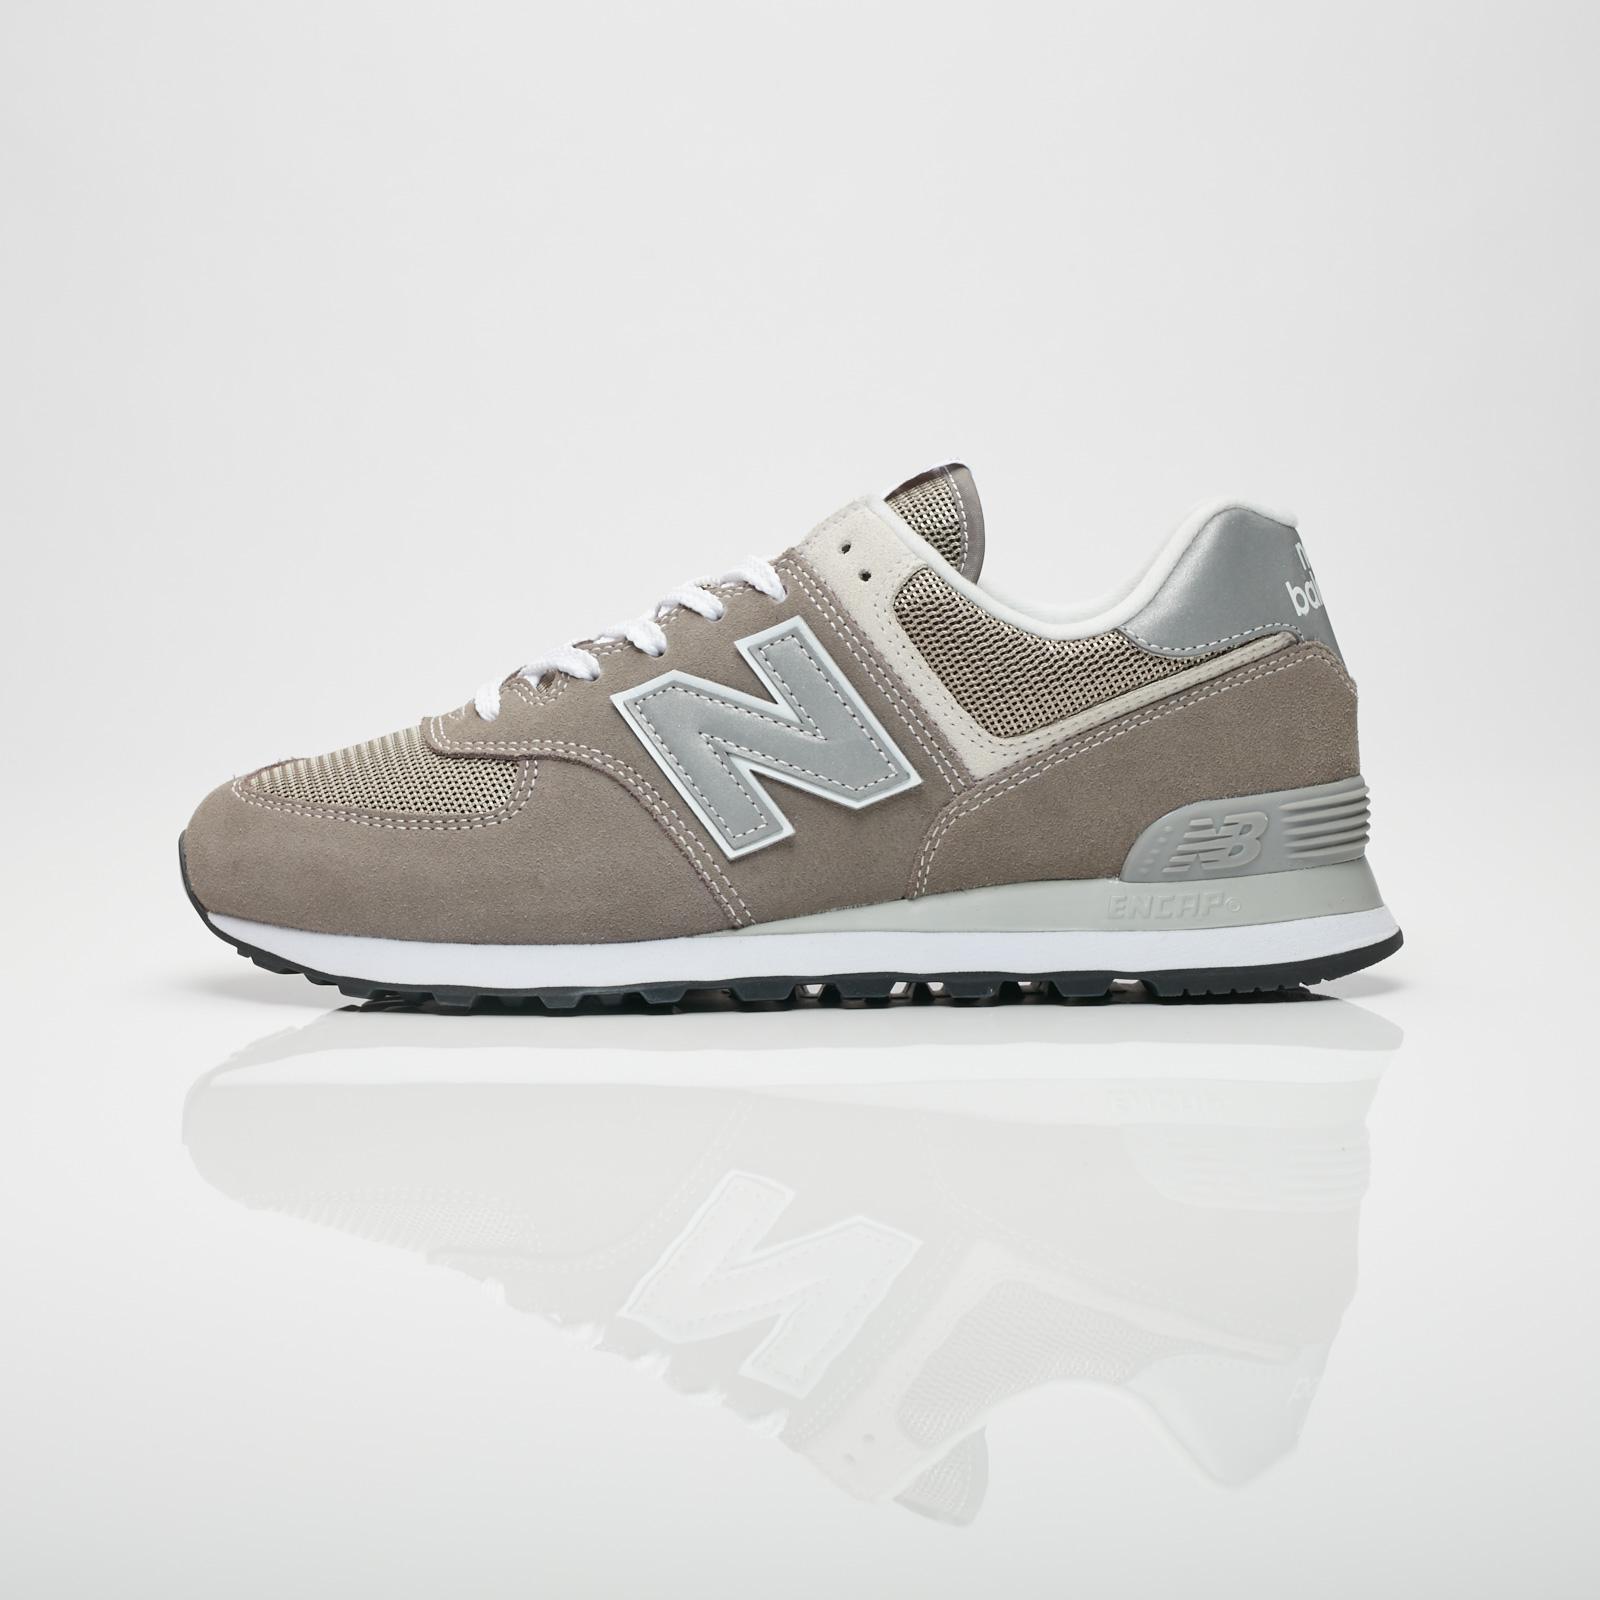 New balance 1300 köpa